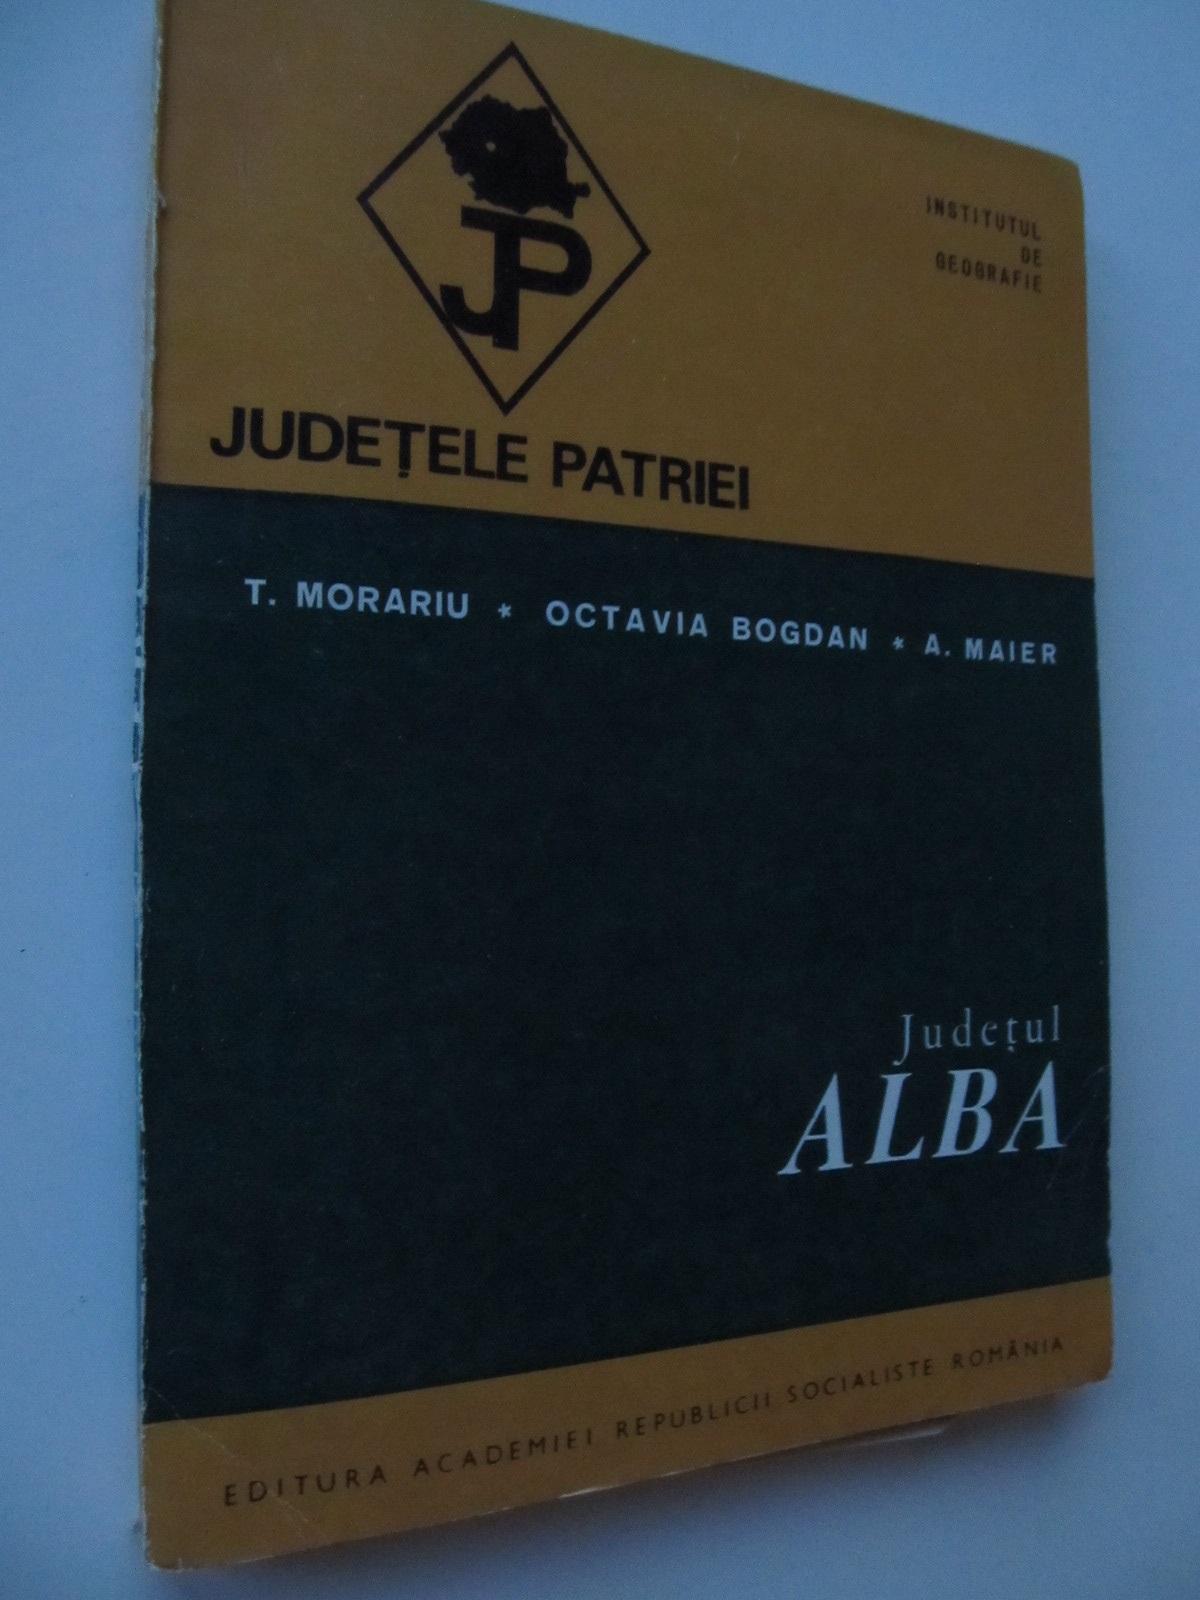 Judetele patriei - Judetul Alba (cu harta) - T. Morariu , Octavian Bogdan , A. Maier | Detalii carte